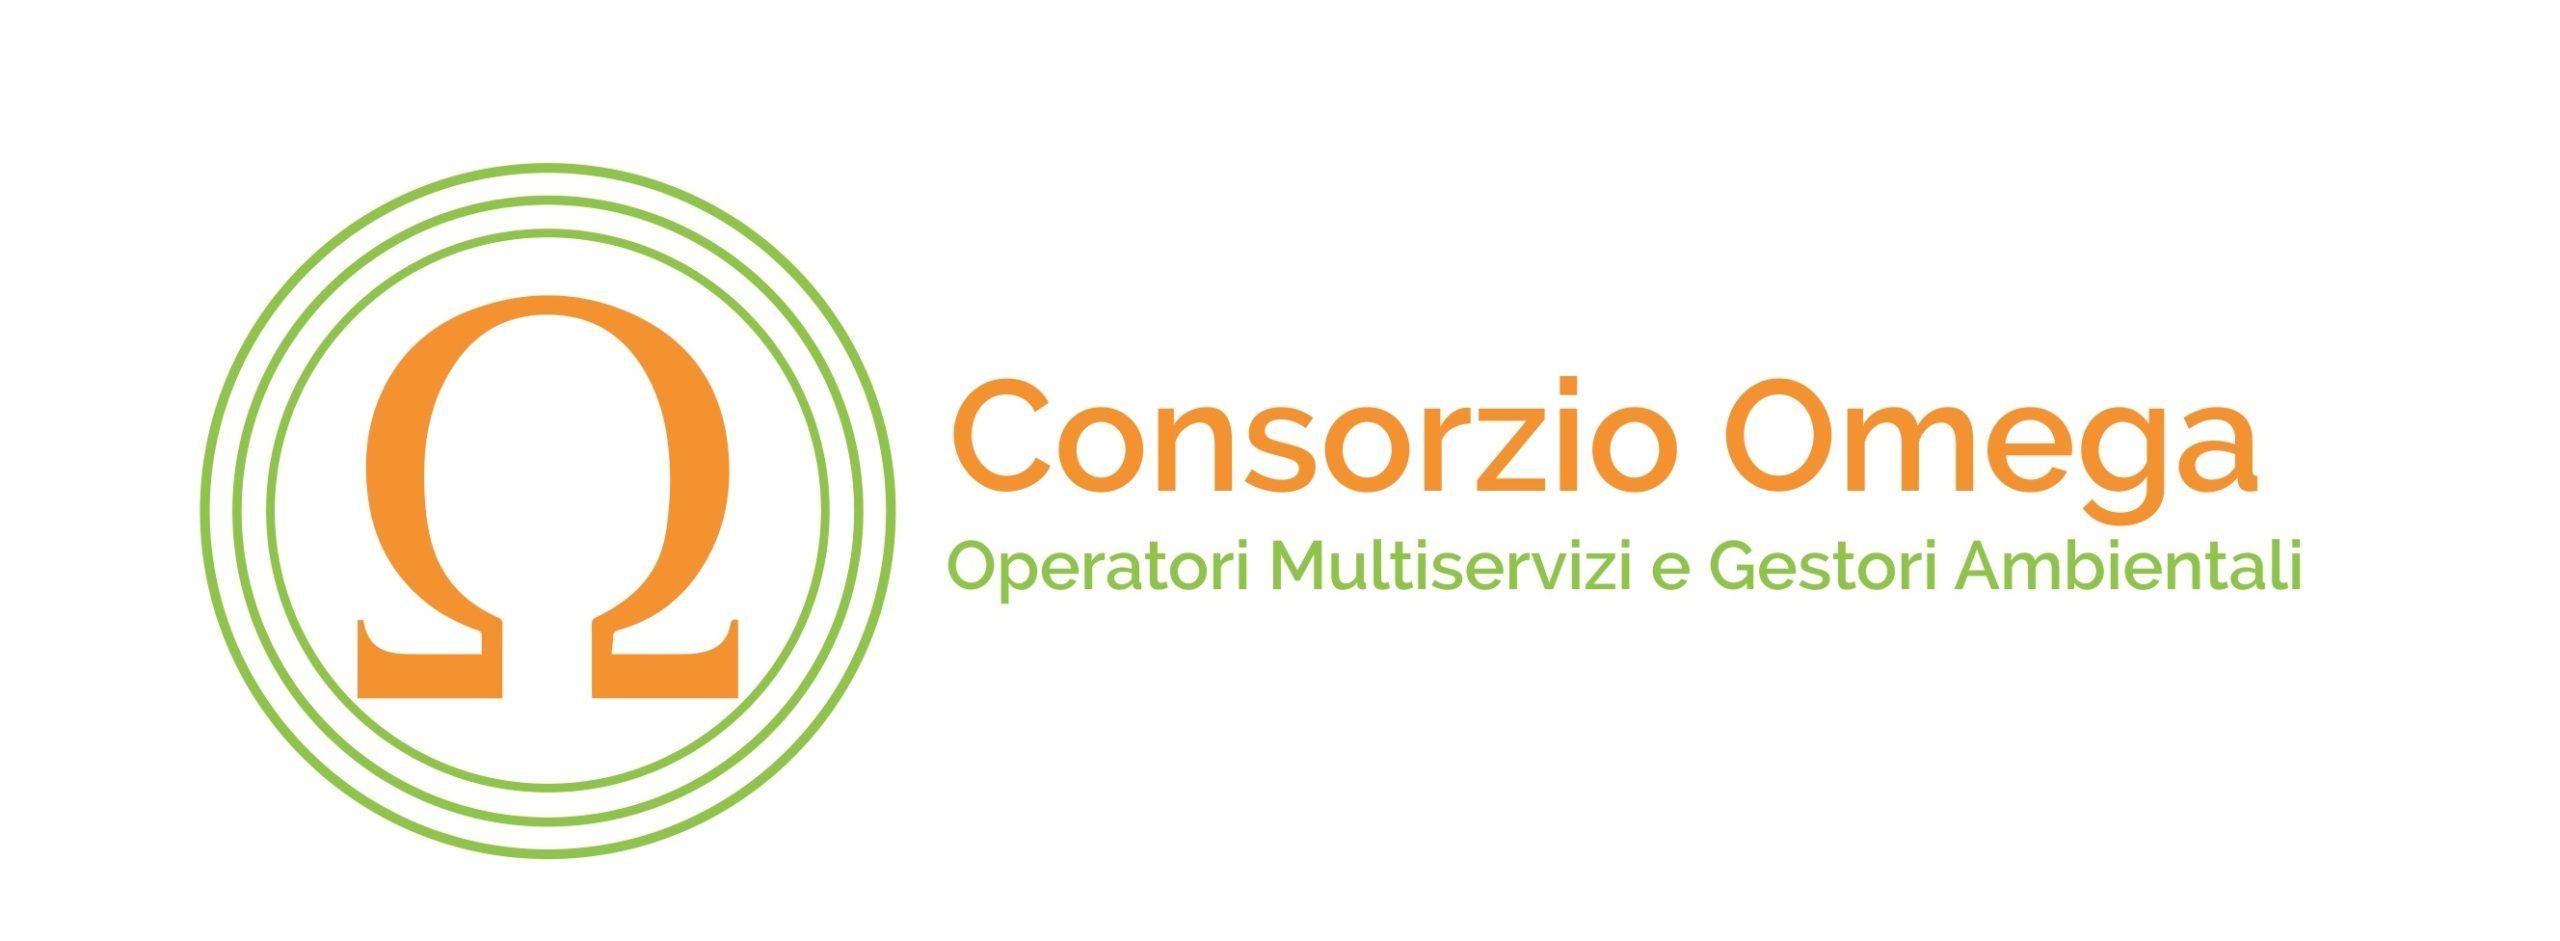 Consorzio Omega